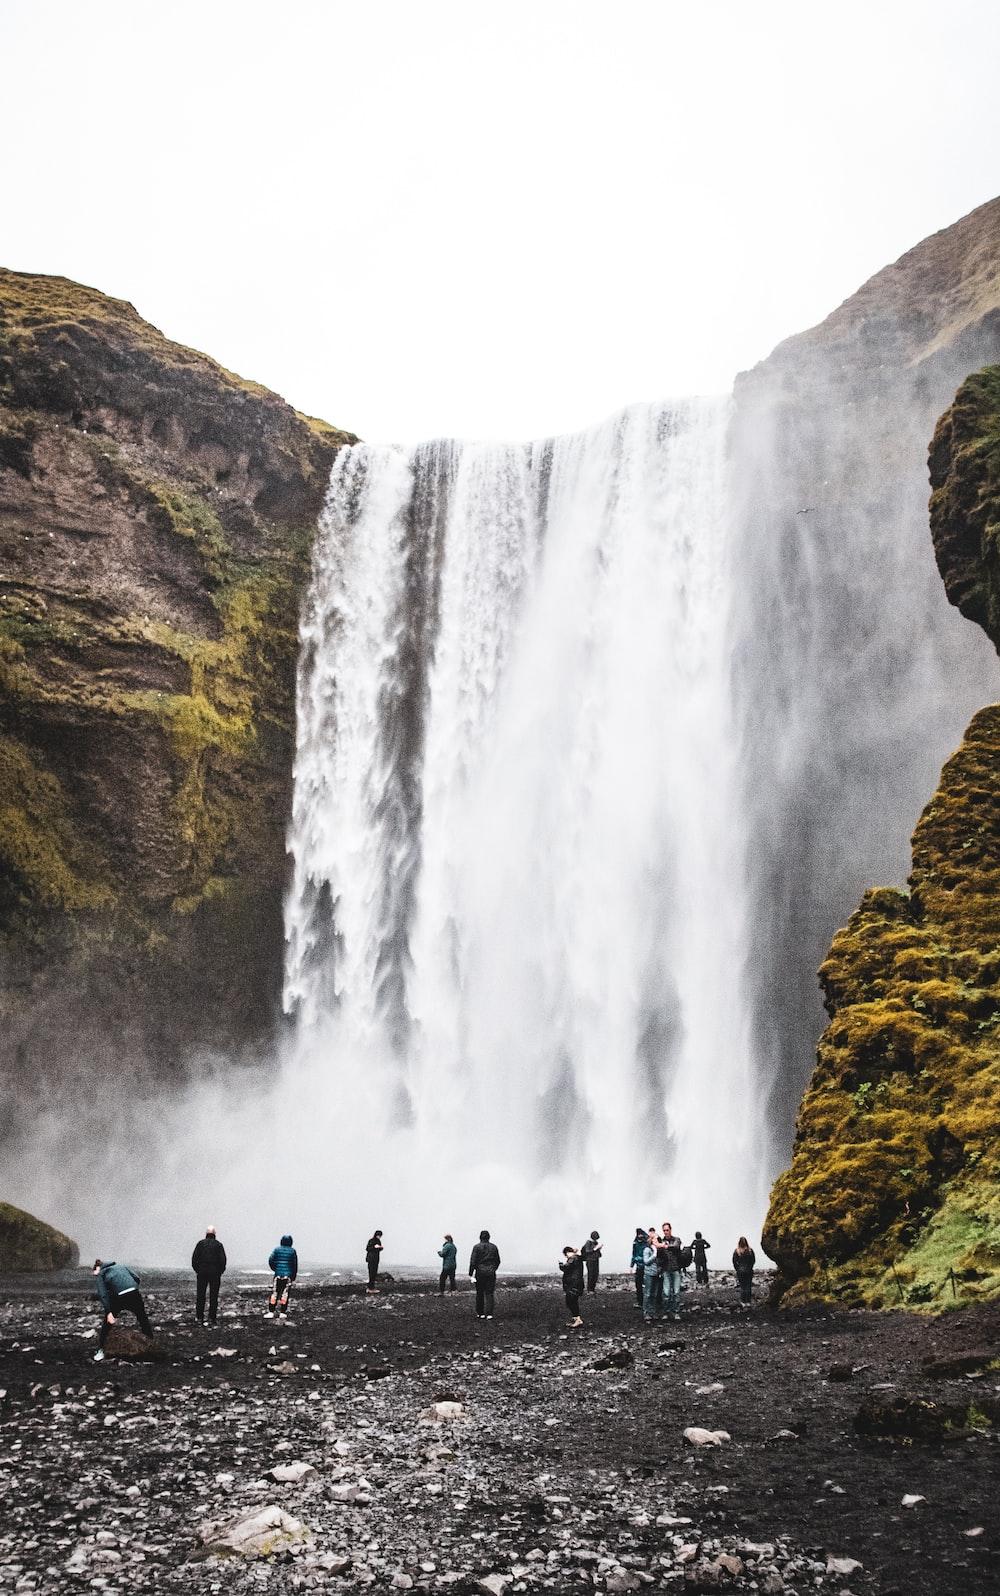 people watching waterfalls during daytime